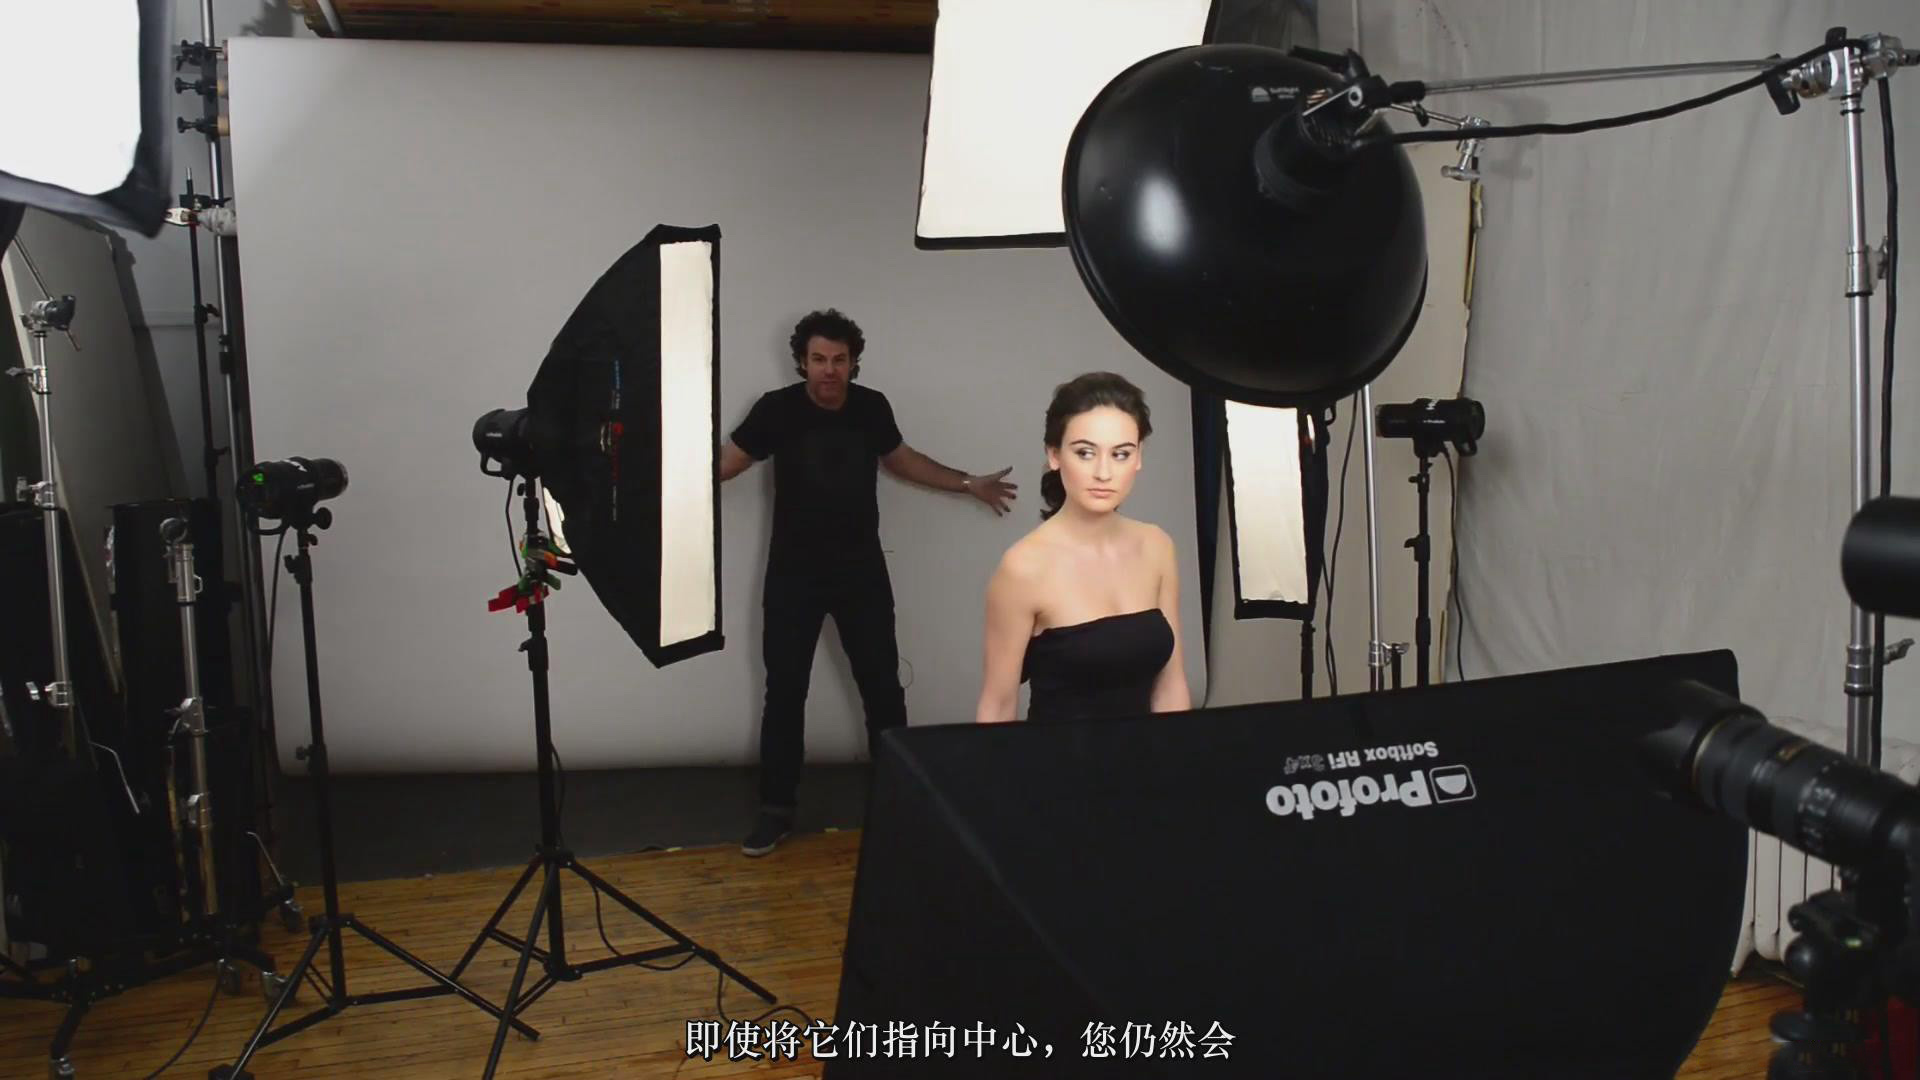 摄影教程_Fstoppers-彼得·赫利(Peter Hurley)完美头像人像面部布光教程-中文字幕 摄影教程 _预览图16